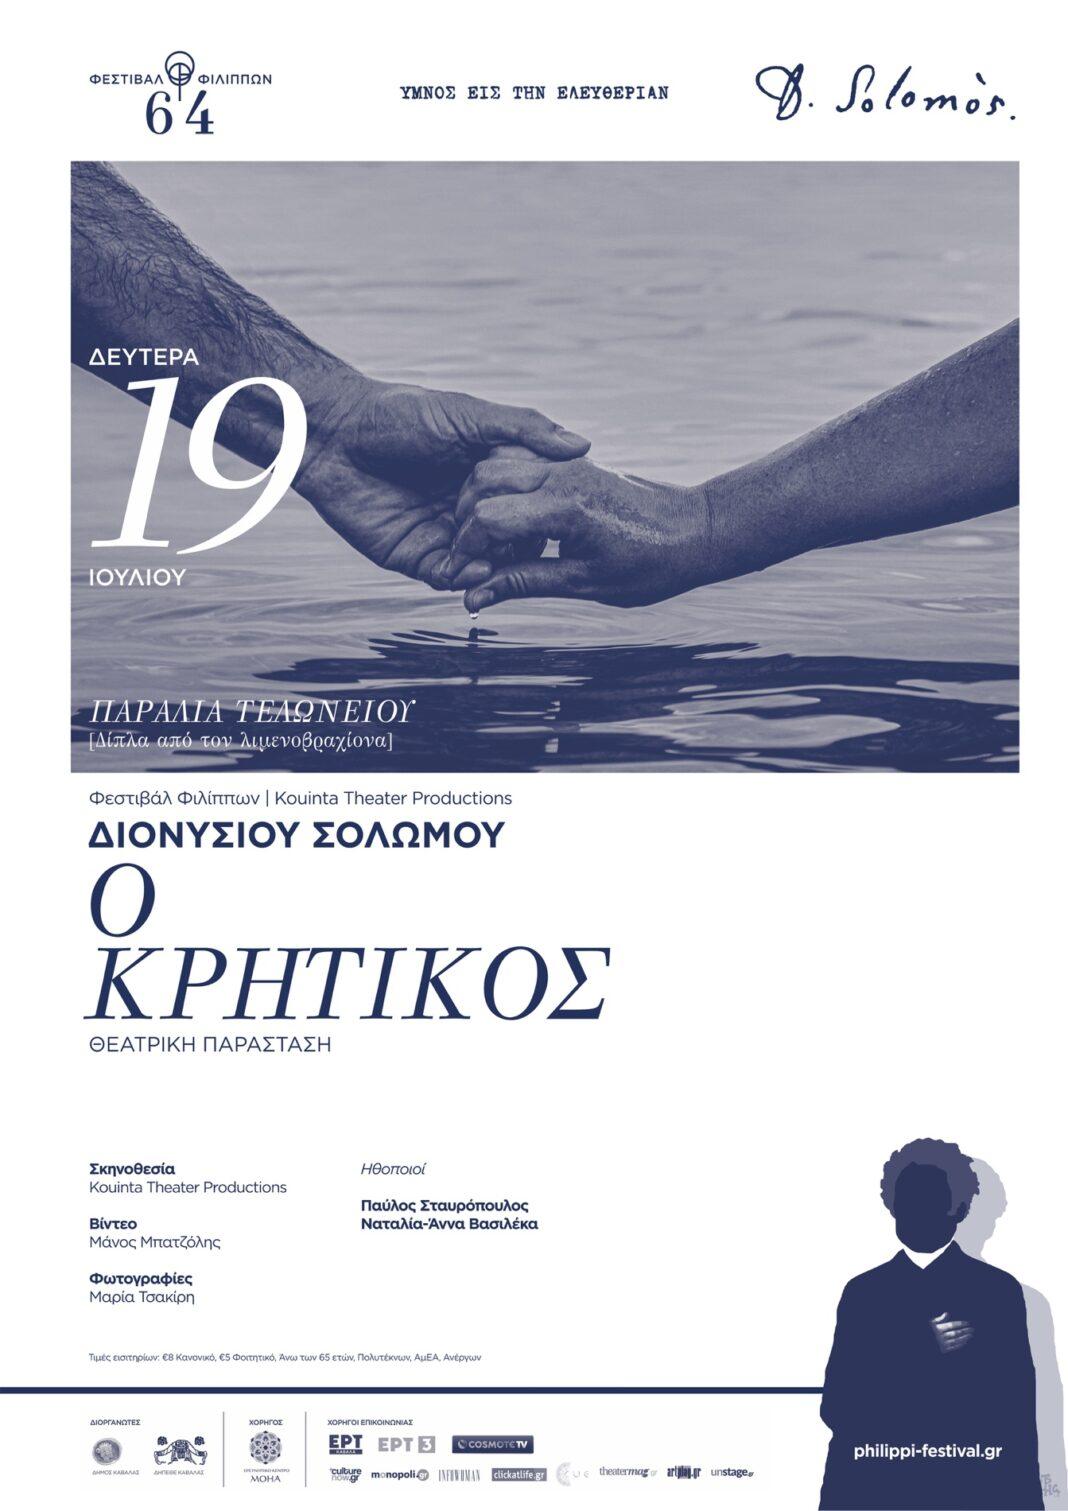 Φεστιβάλ-Φιλίππων-–-kouinta-theater-productions-«Ο-Κρητικός»